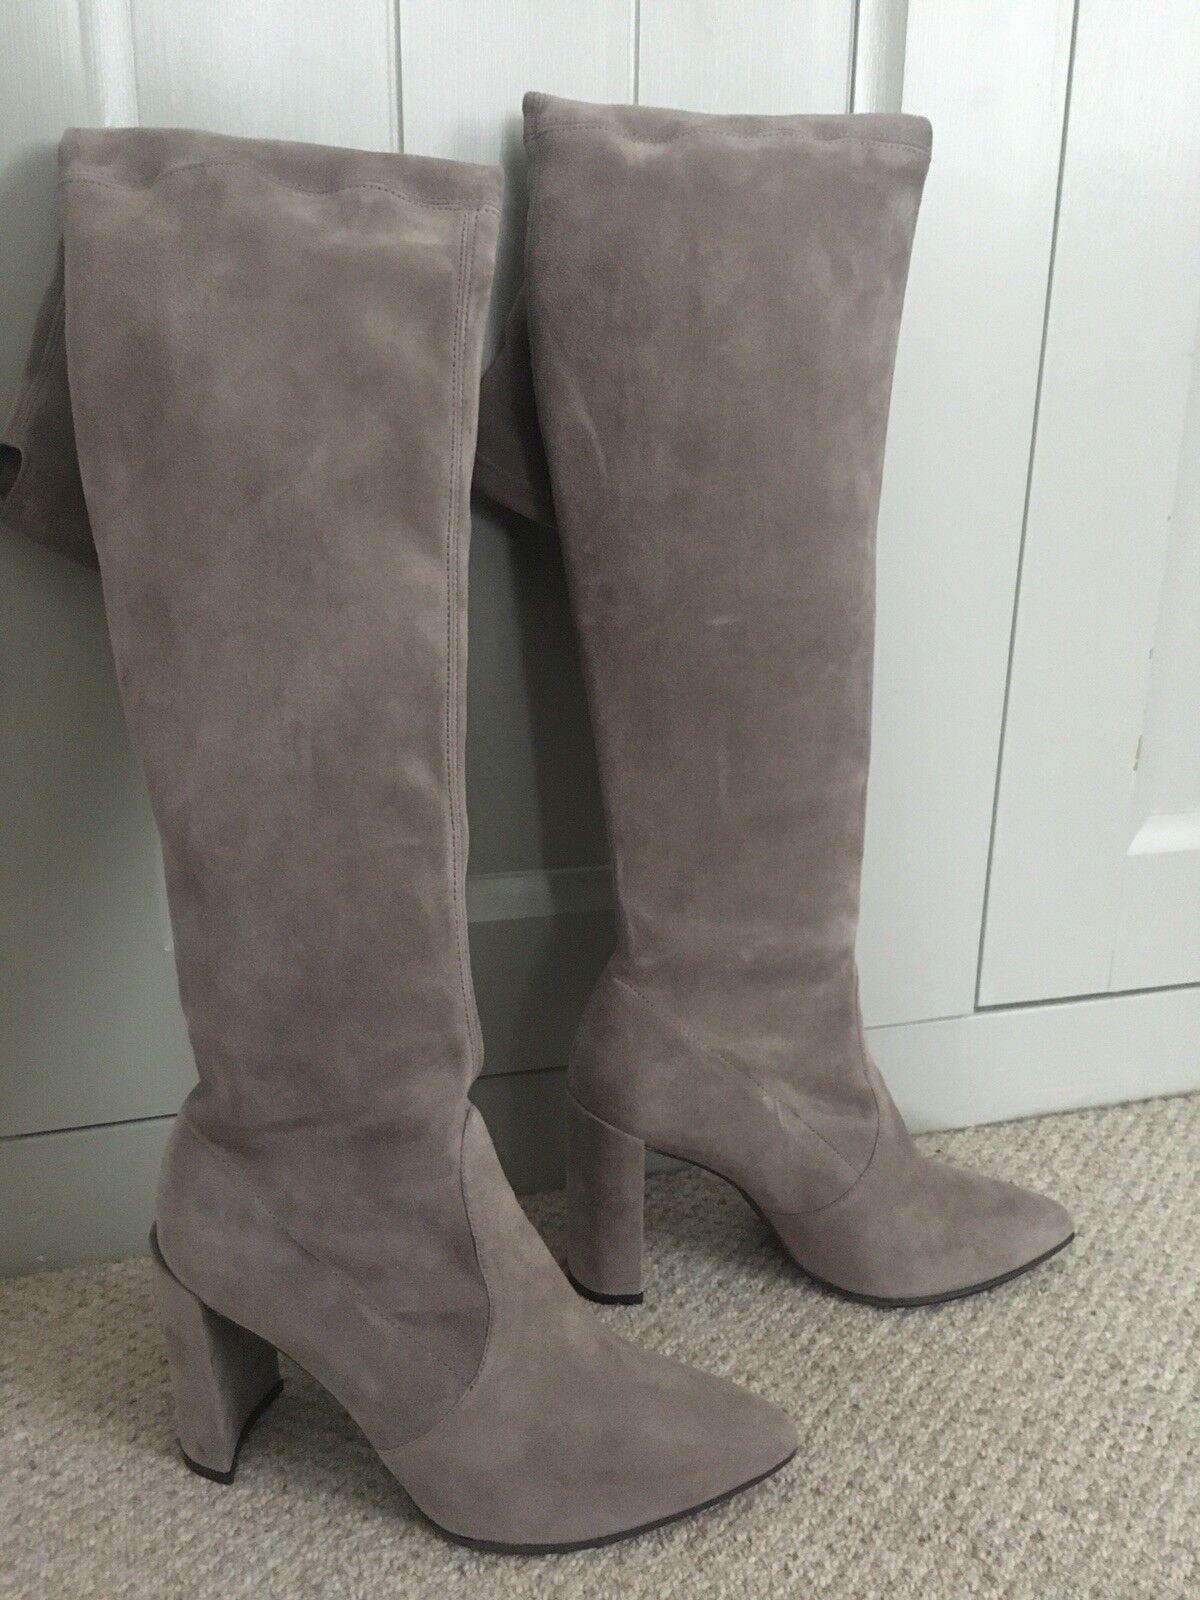 Gorgeous Stuart Weitzman Taupe Funland Boots Size 37.5 (Uk 5)